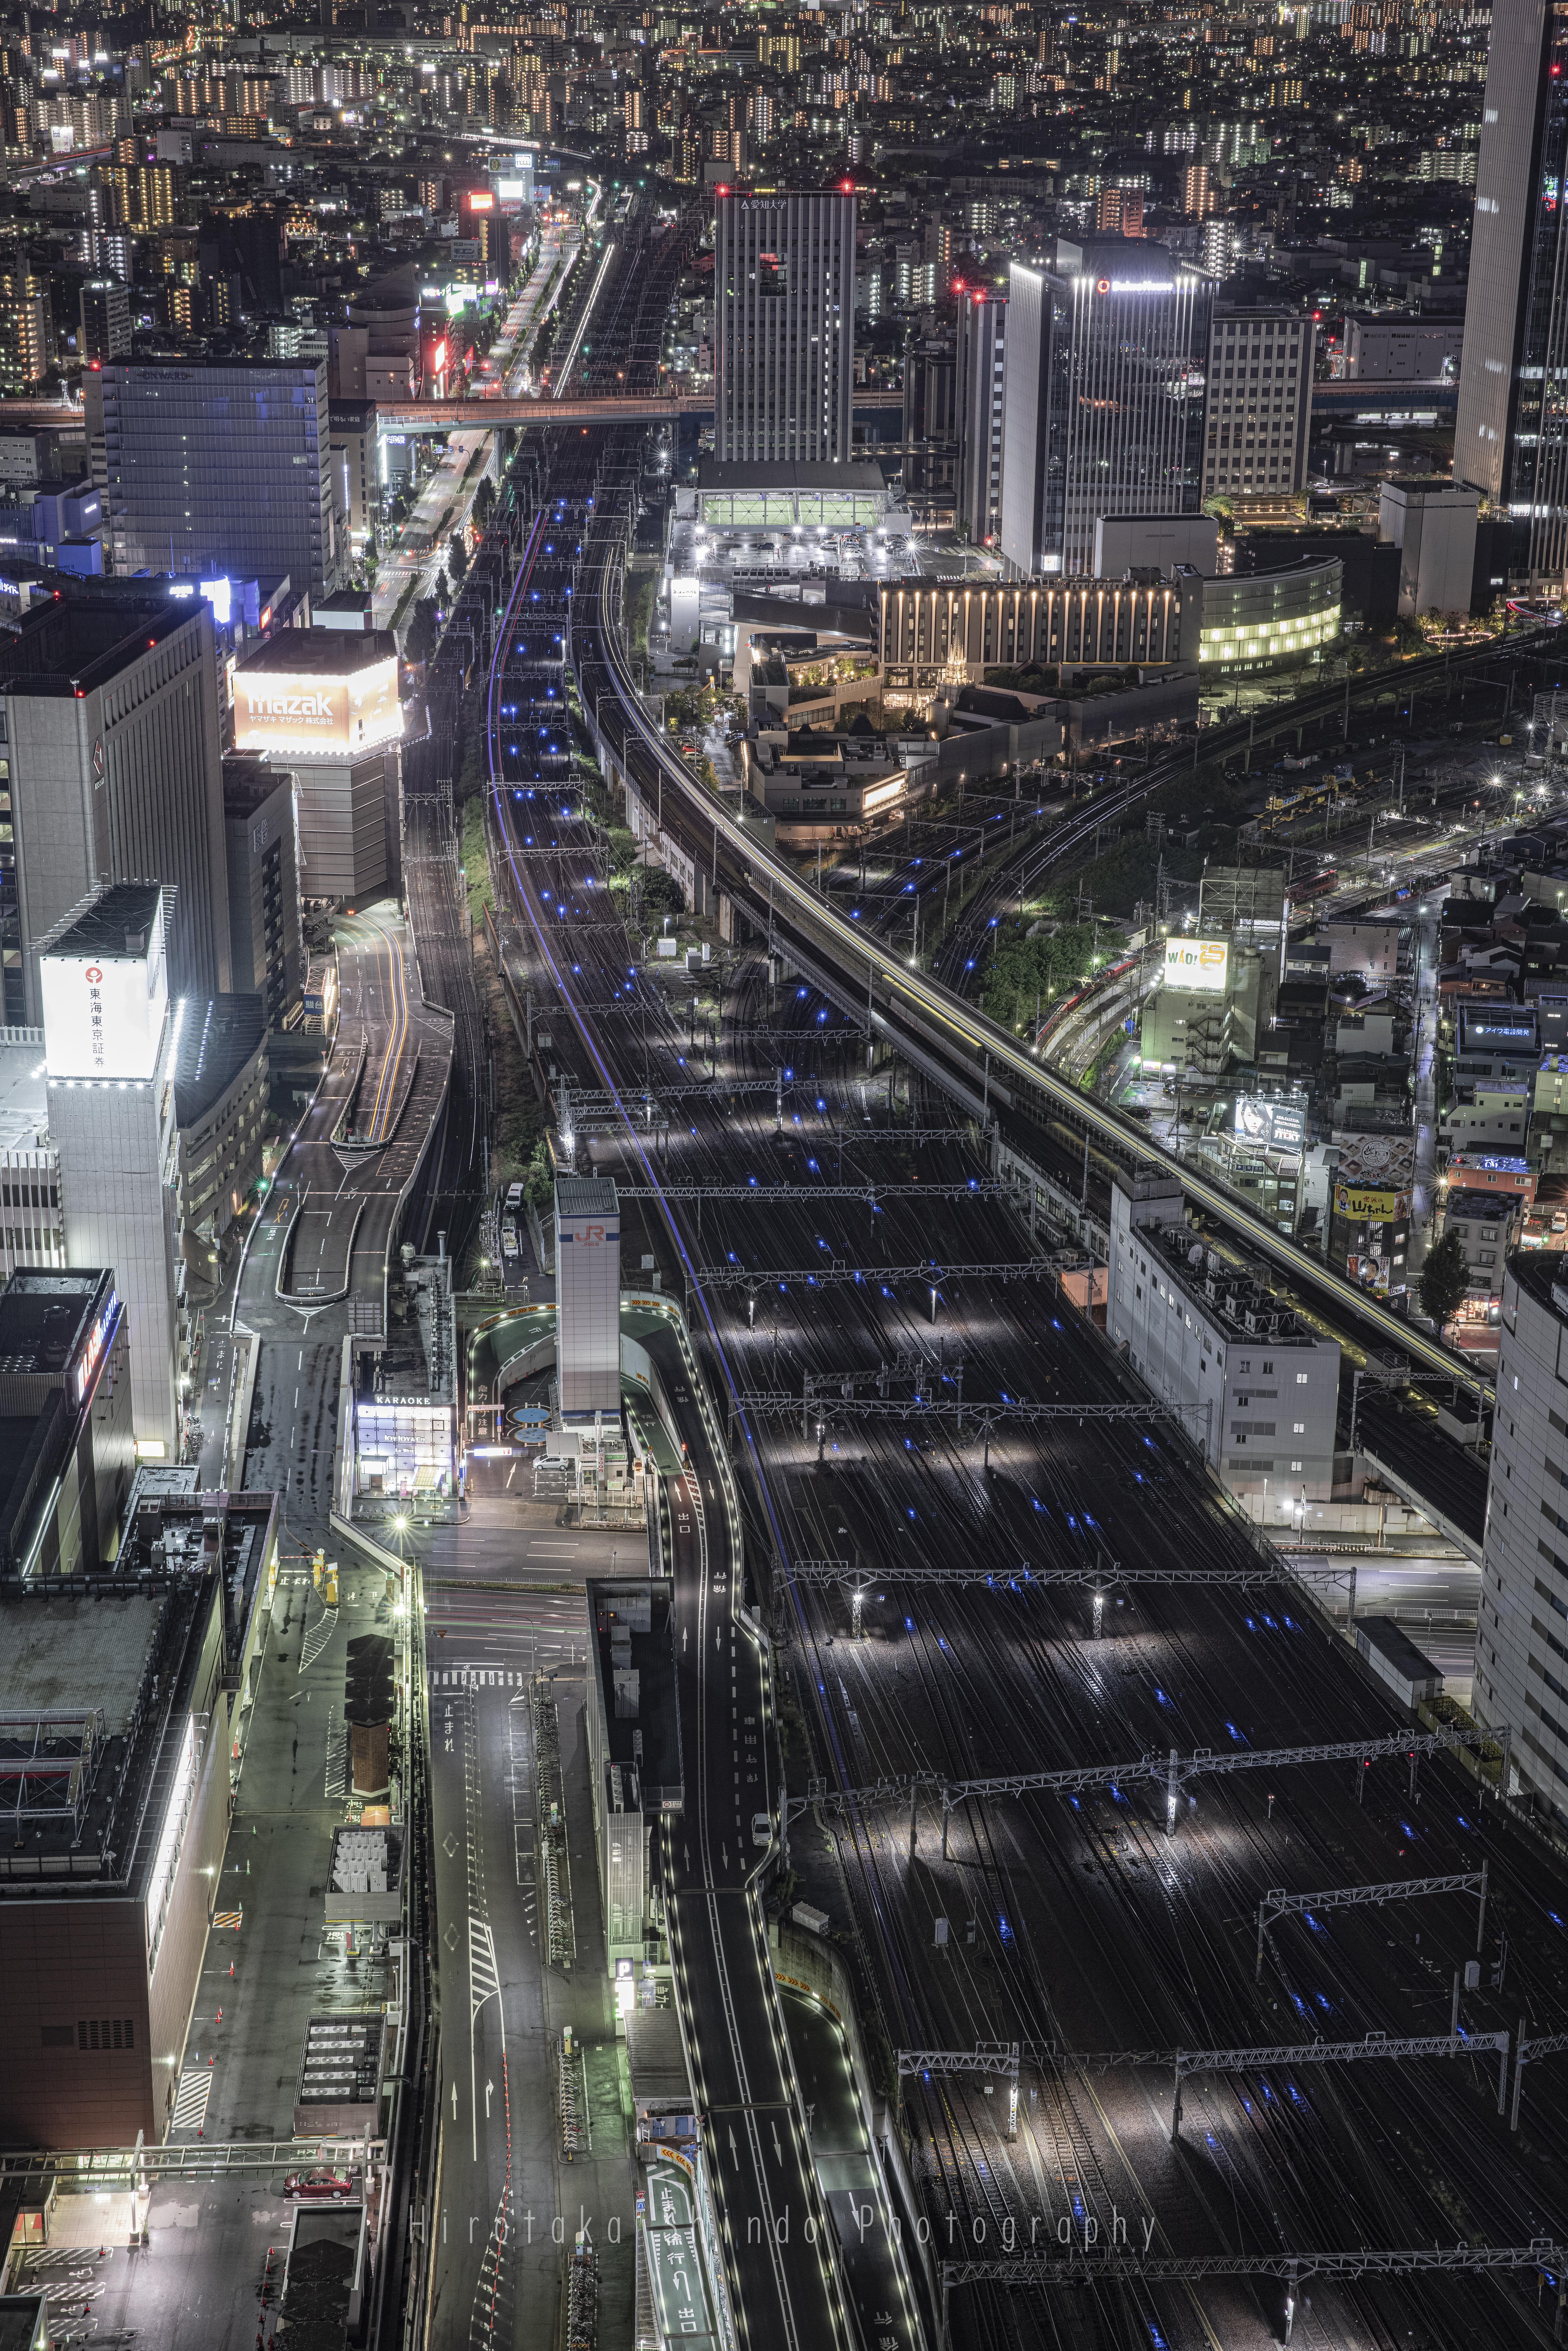 Midnight Railway